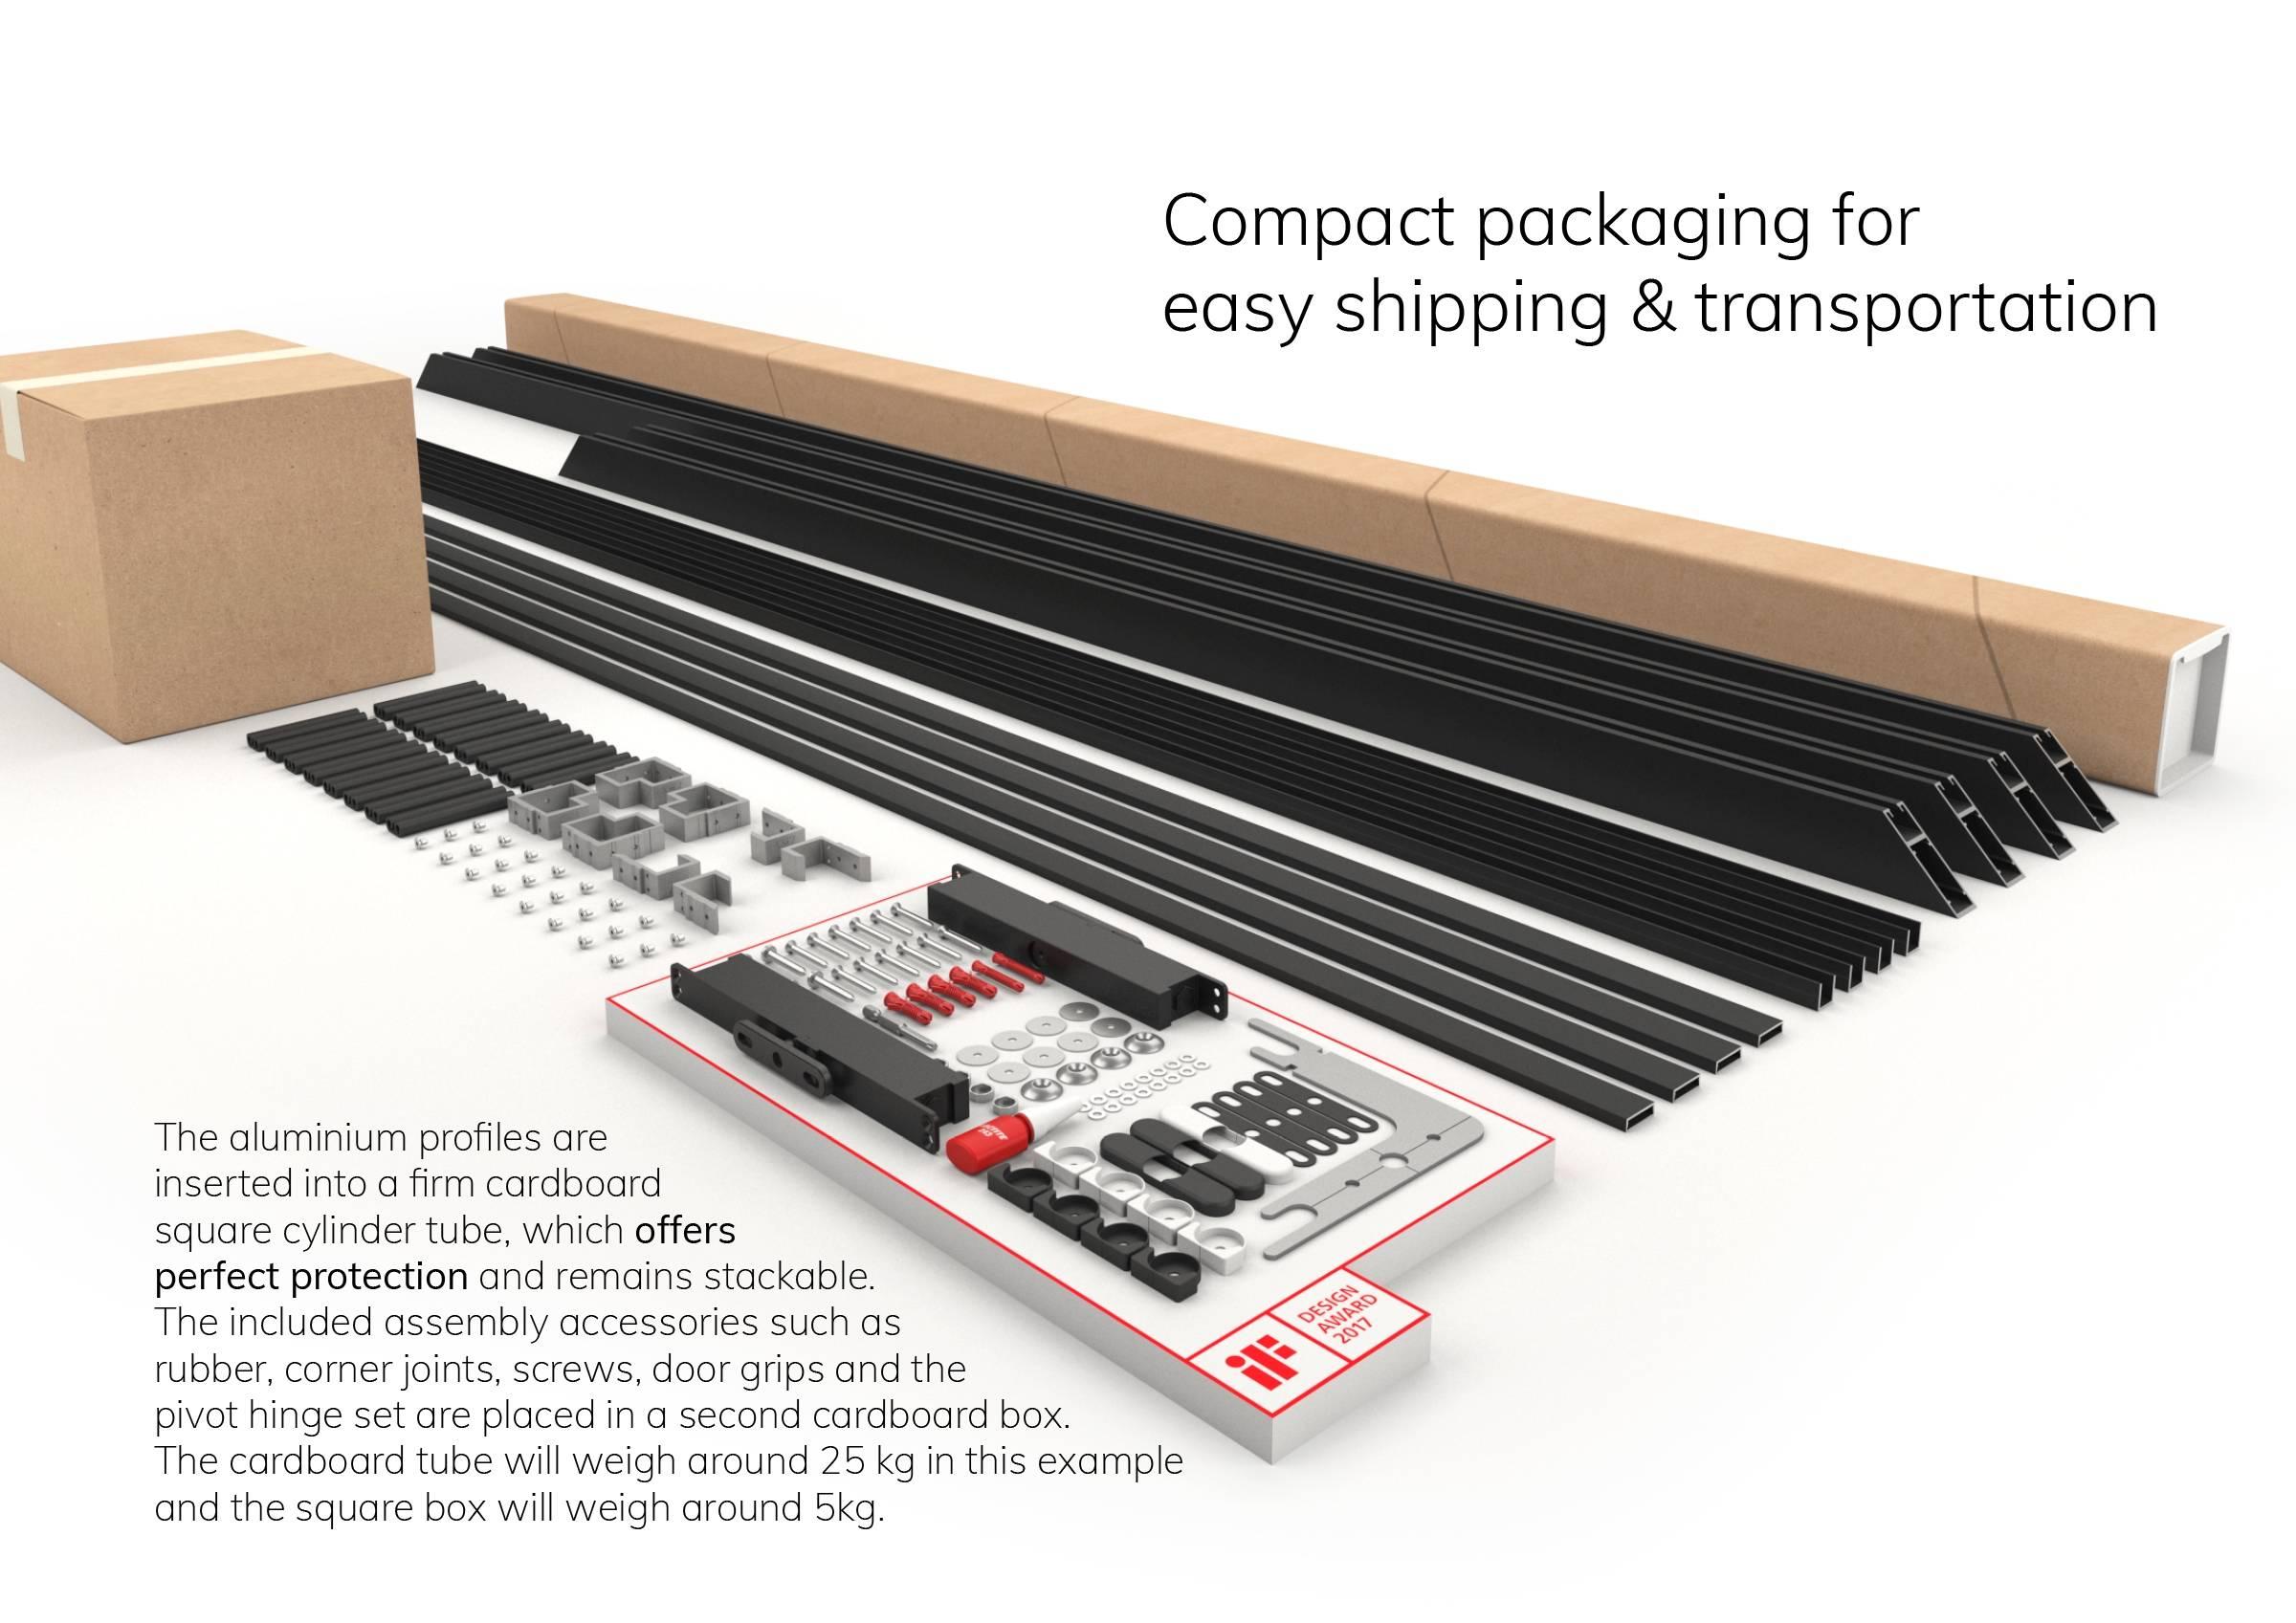 Portapivot 6530 XL self-assembly kit example